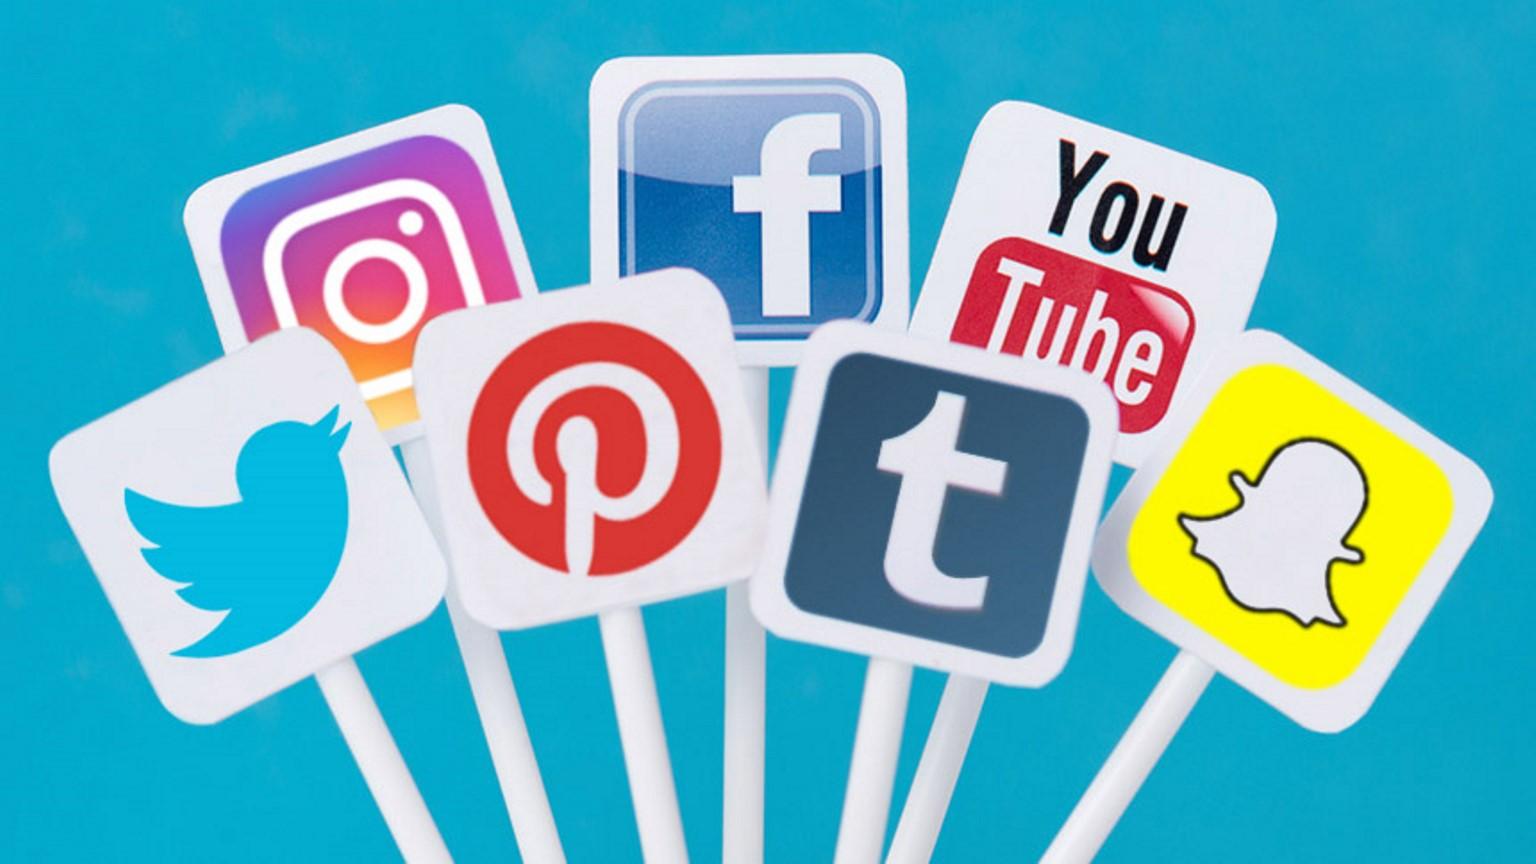 kriz süreçlerinde sosyal medya kullanımı